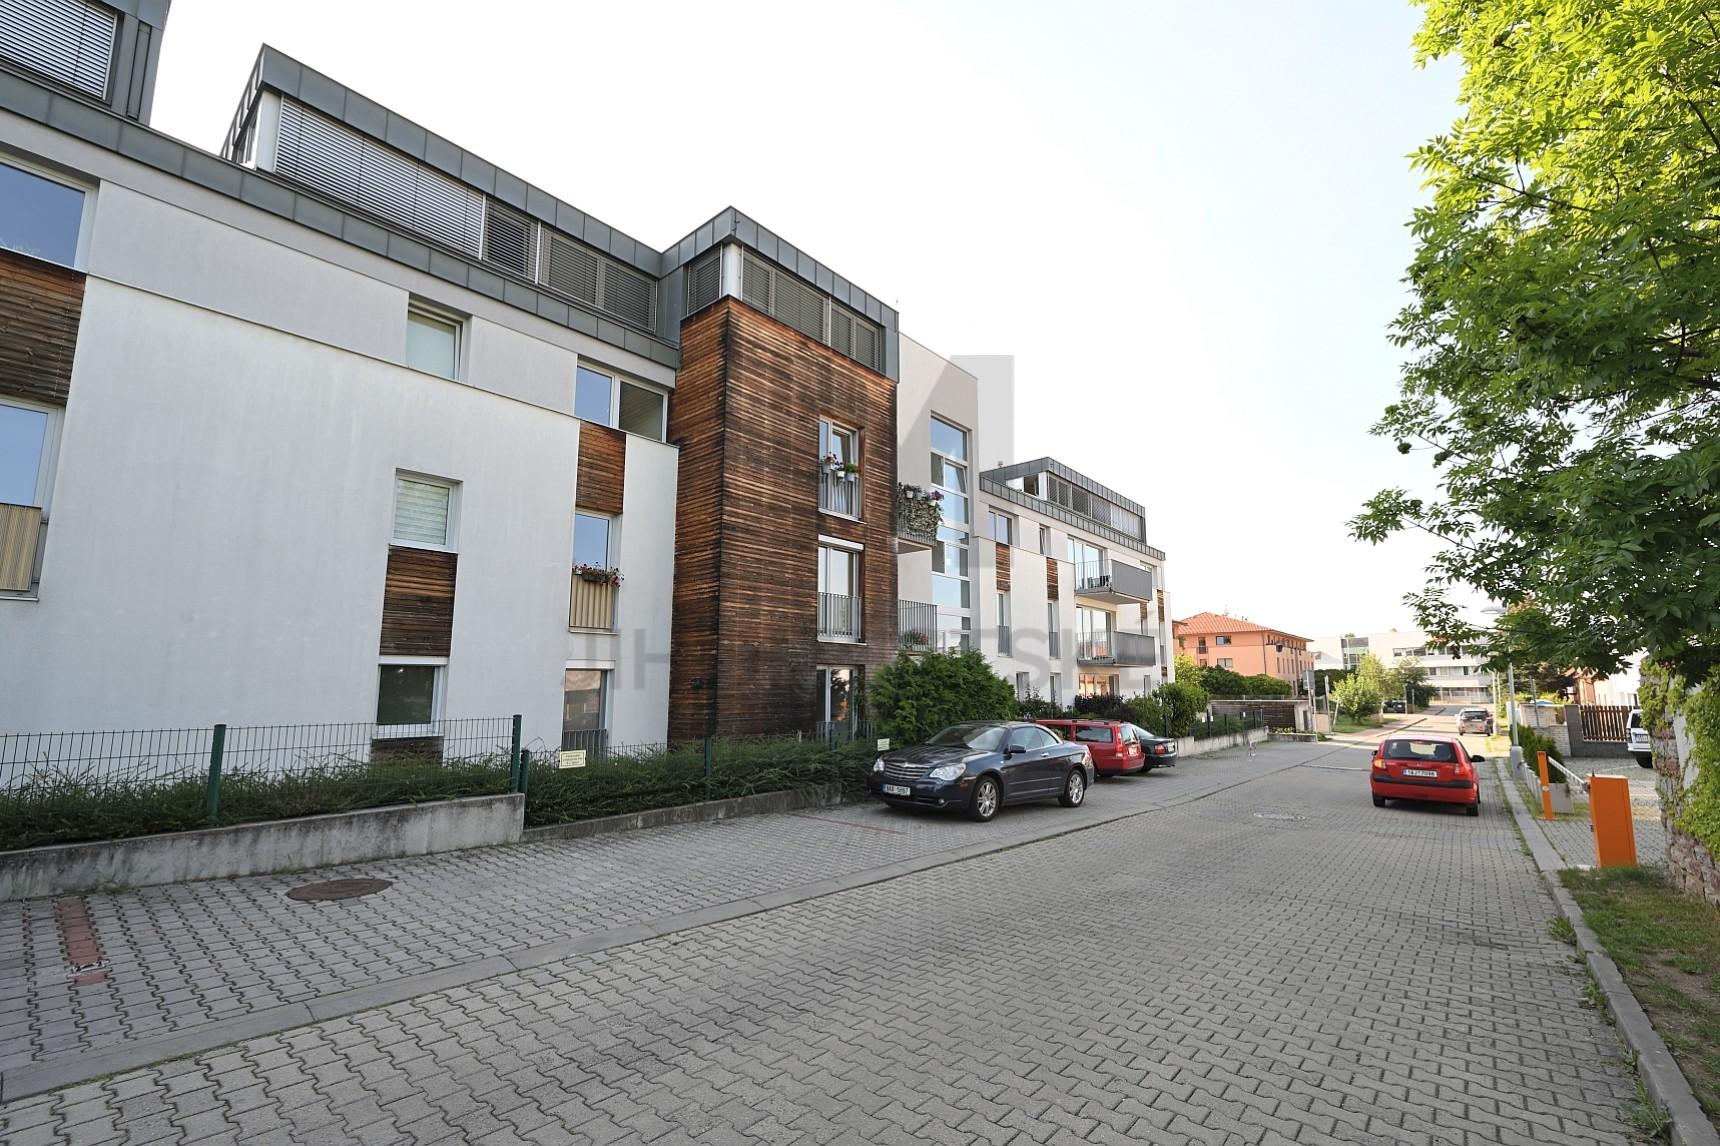 PRODEJ BYTU 1+kk S TERASOU, Rotavská, Praha 5 - Stodůlky